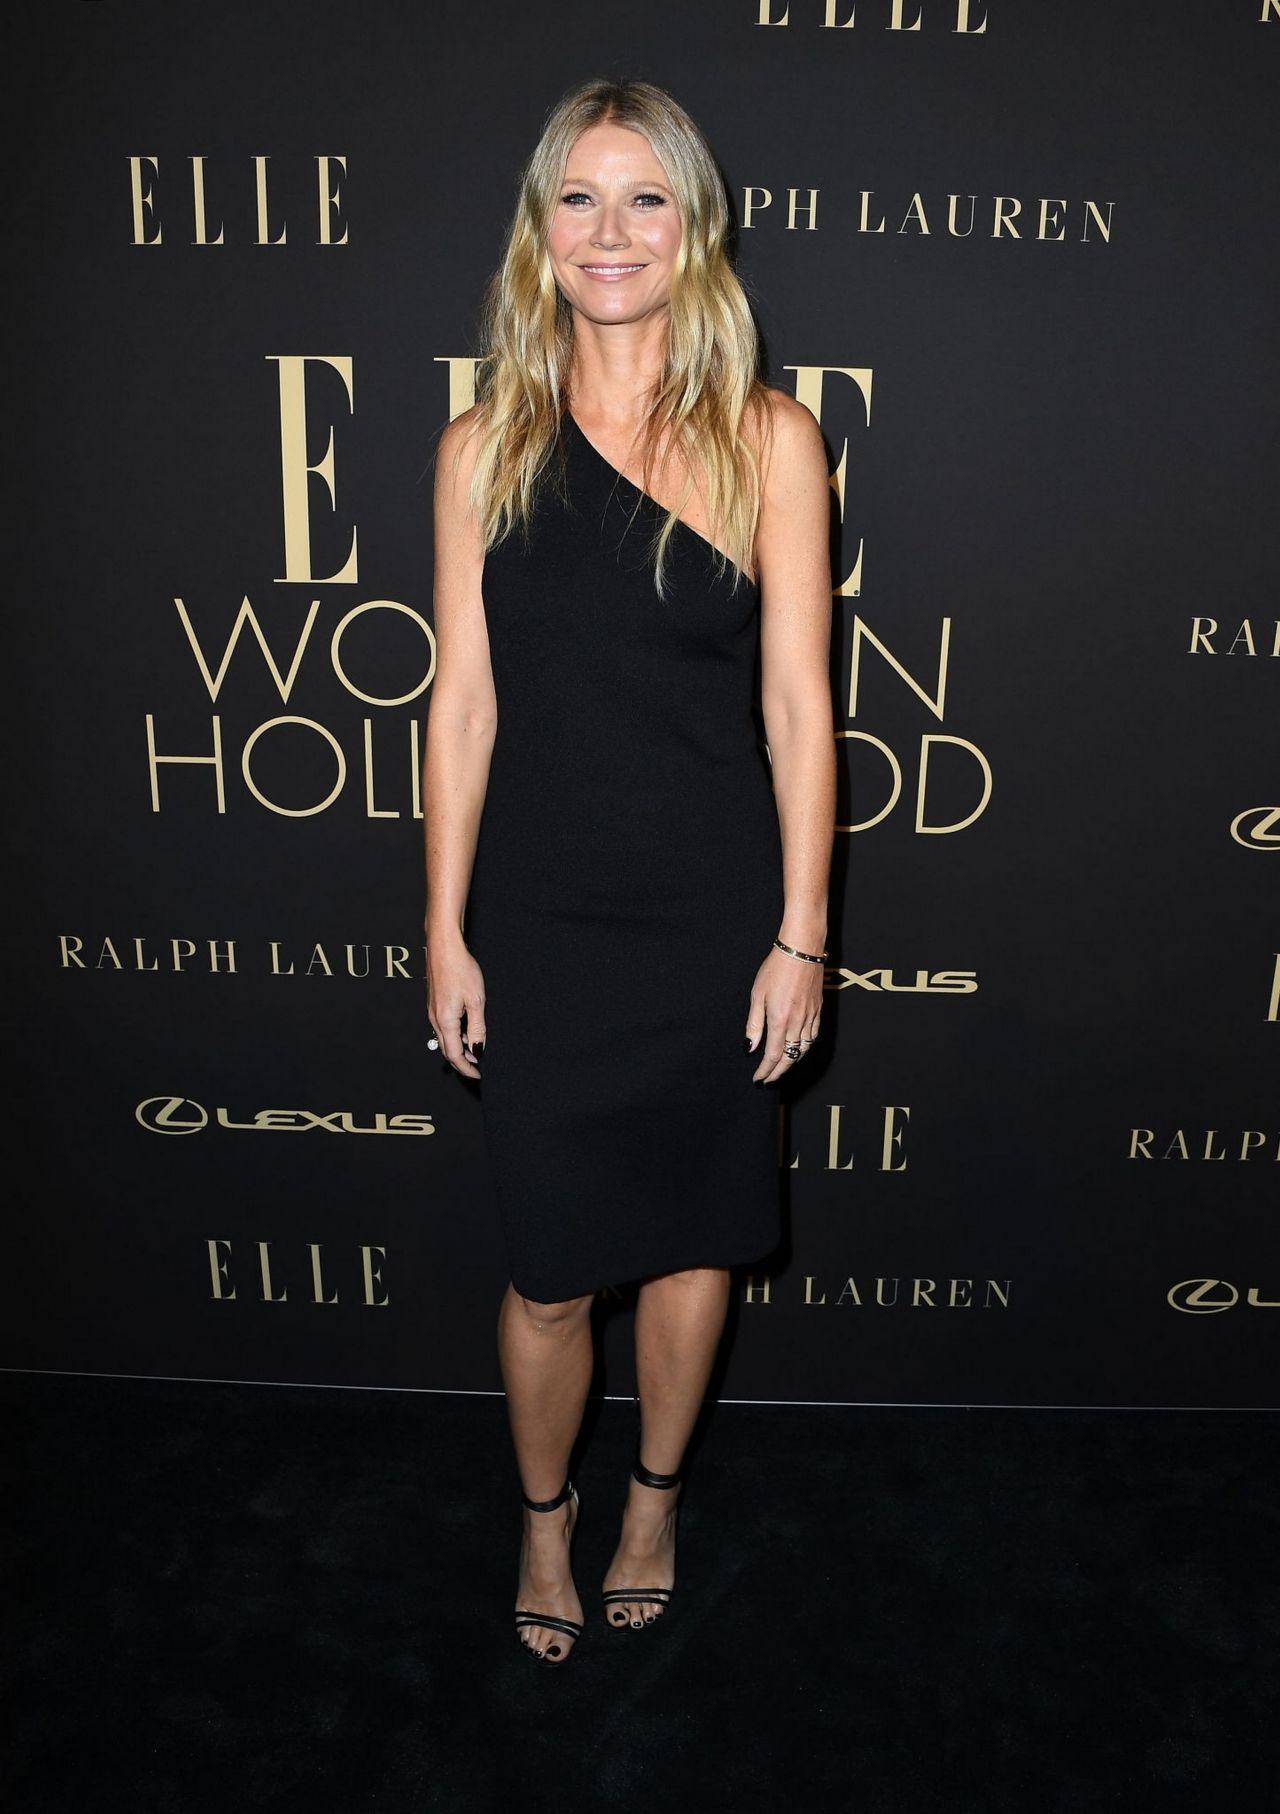 gwyneth-paltrow-in-bottega-veneta-elles-2019-women-in-hollywood-event